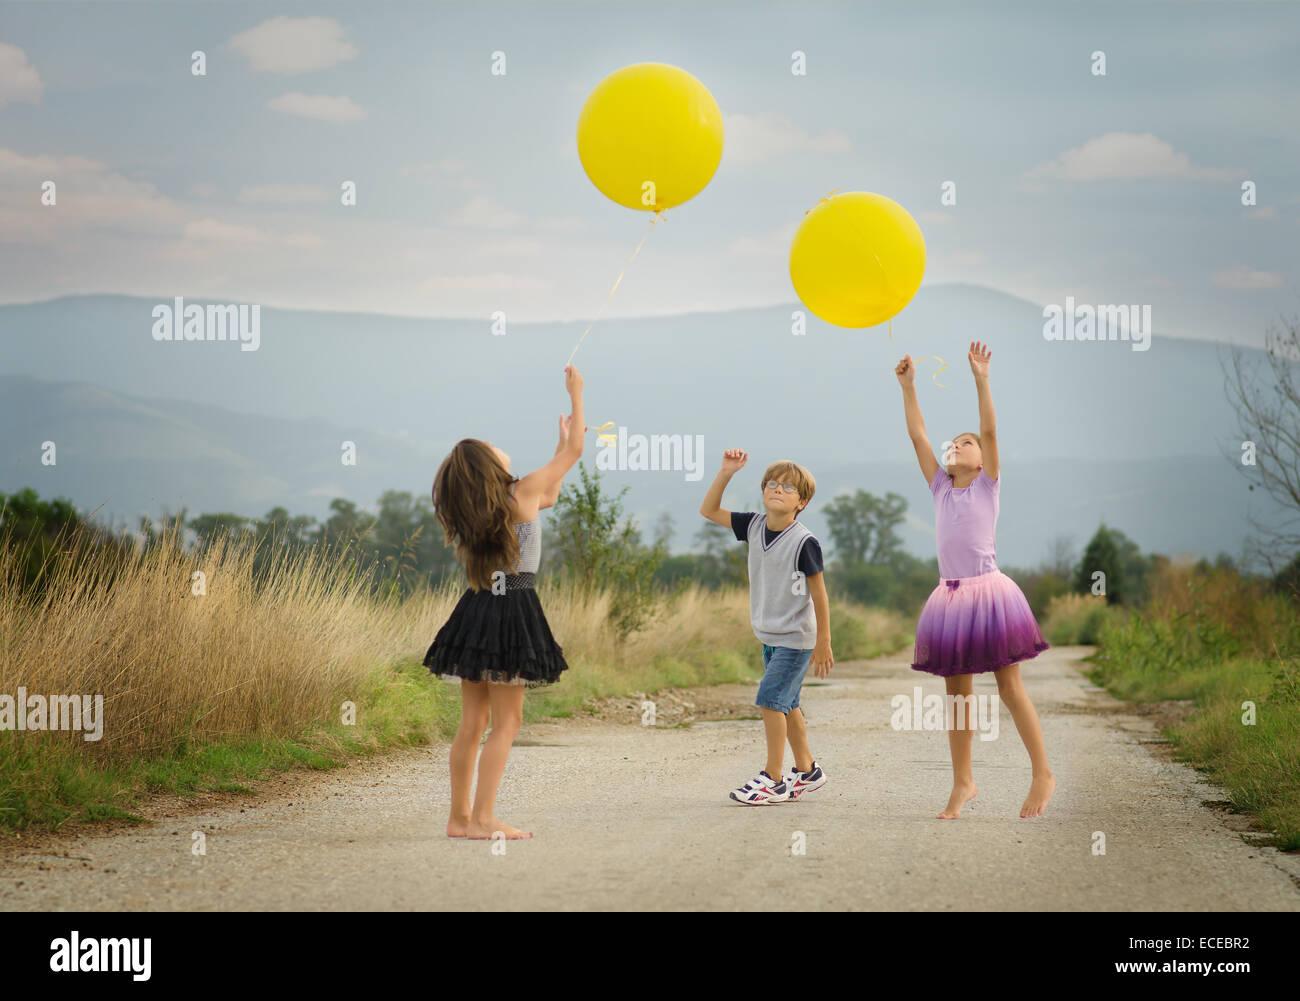 Niños (6-7, 8-9) jugando con globos Imagen De Stock